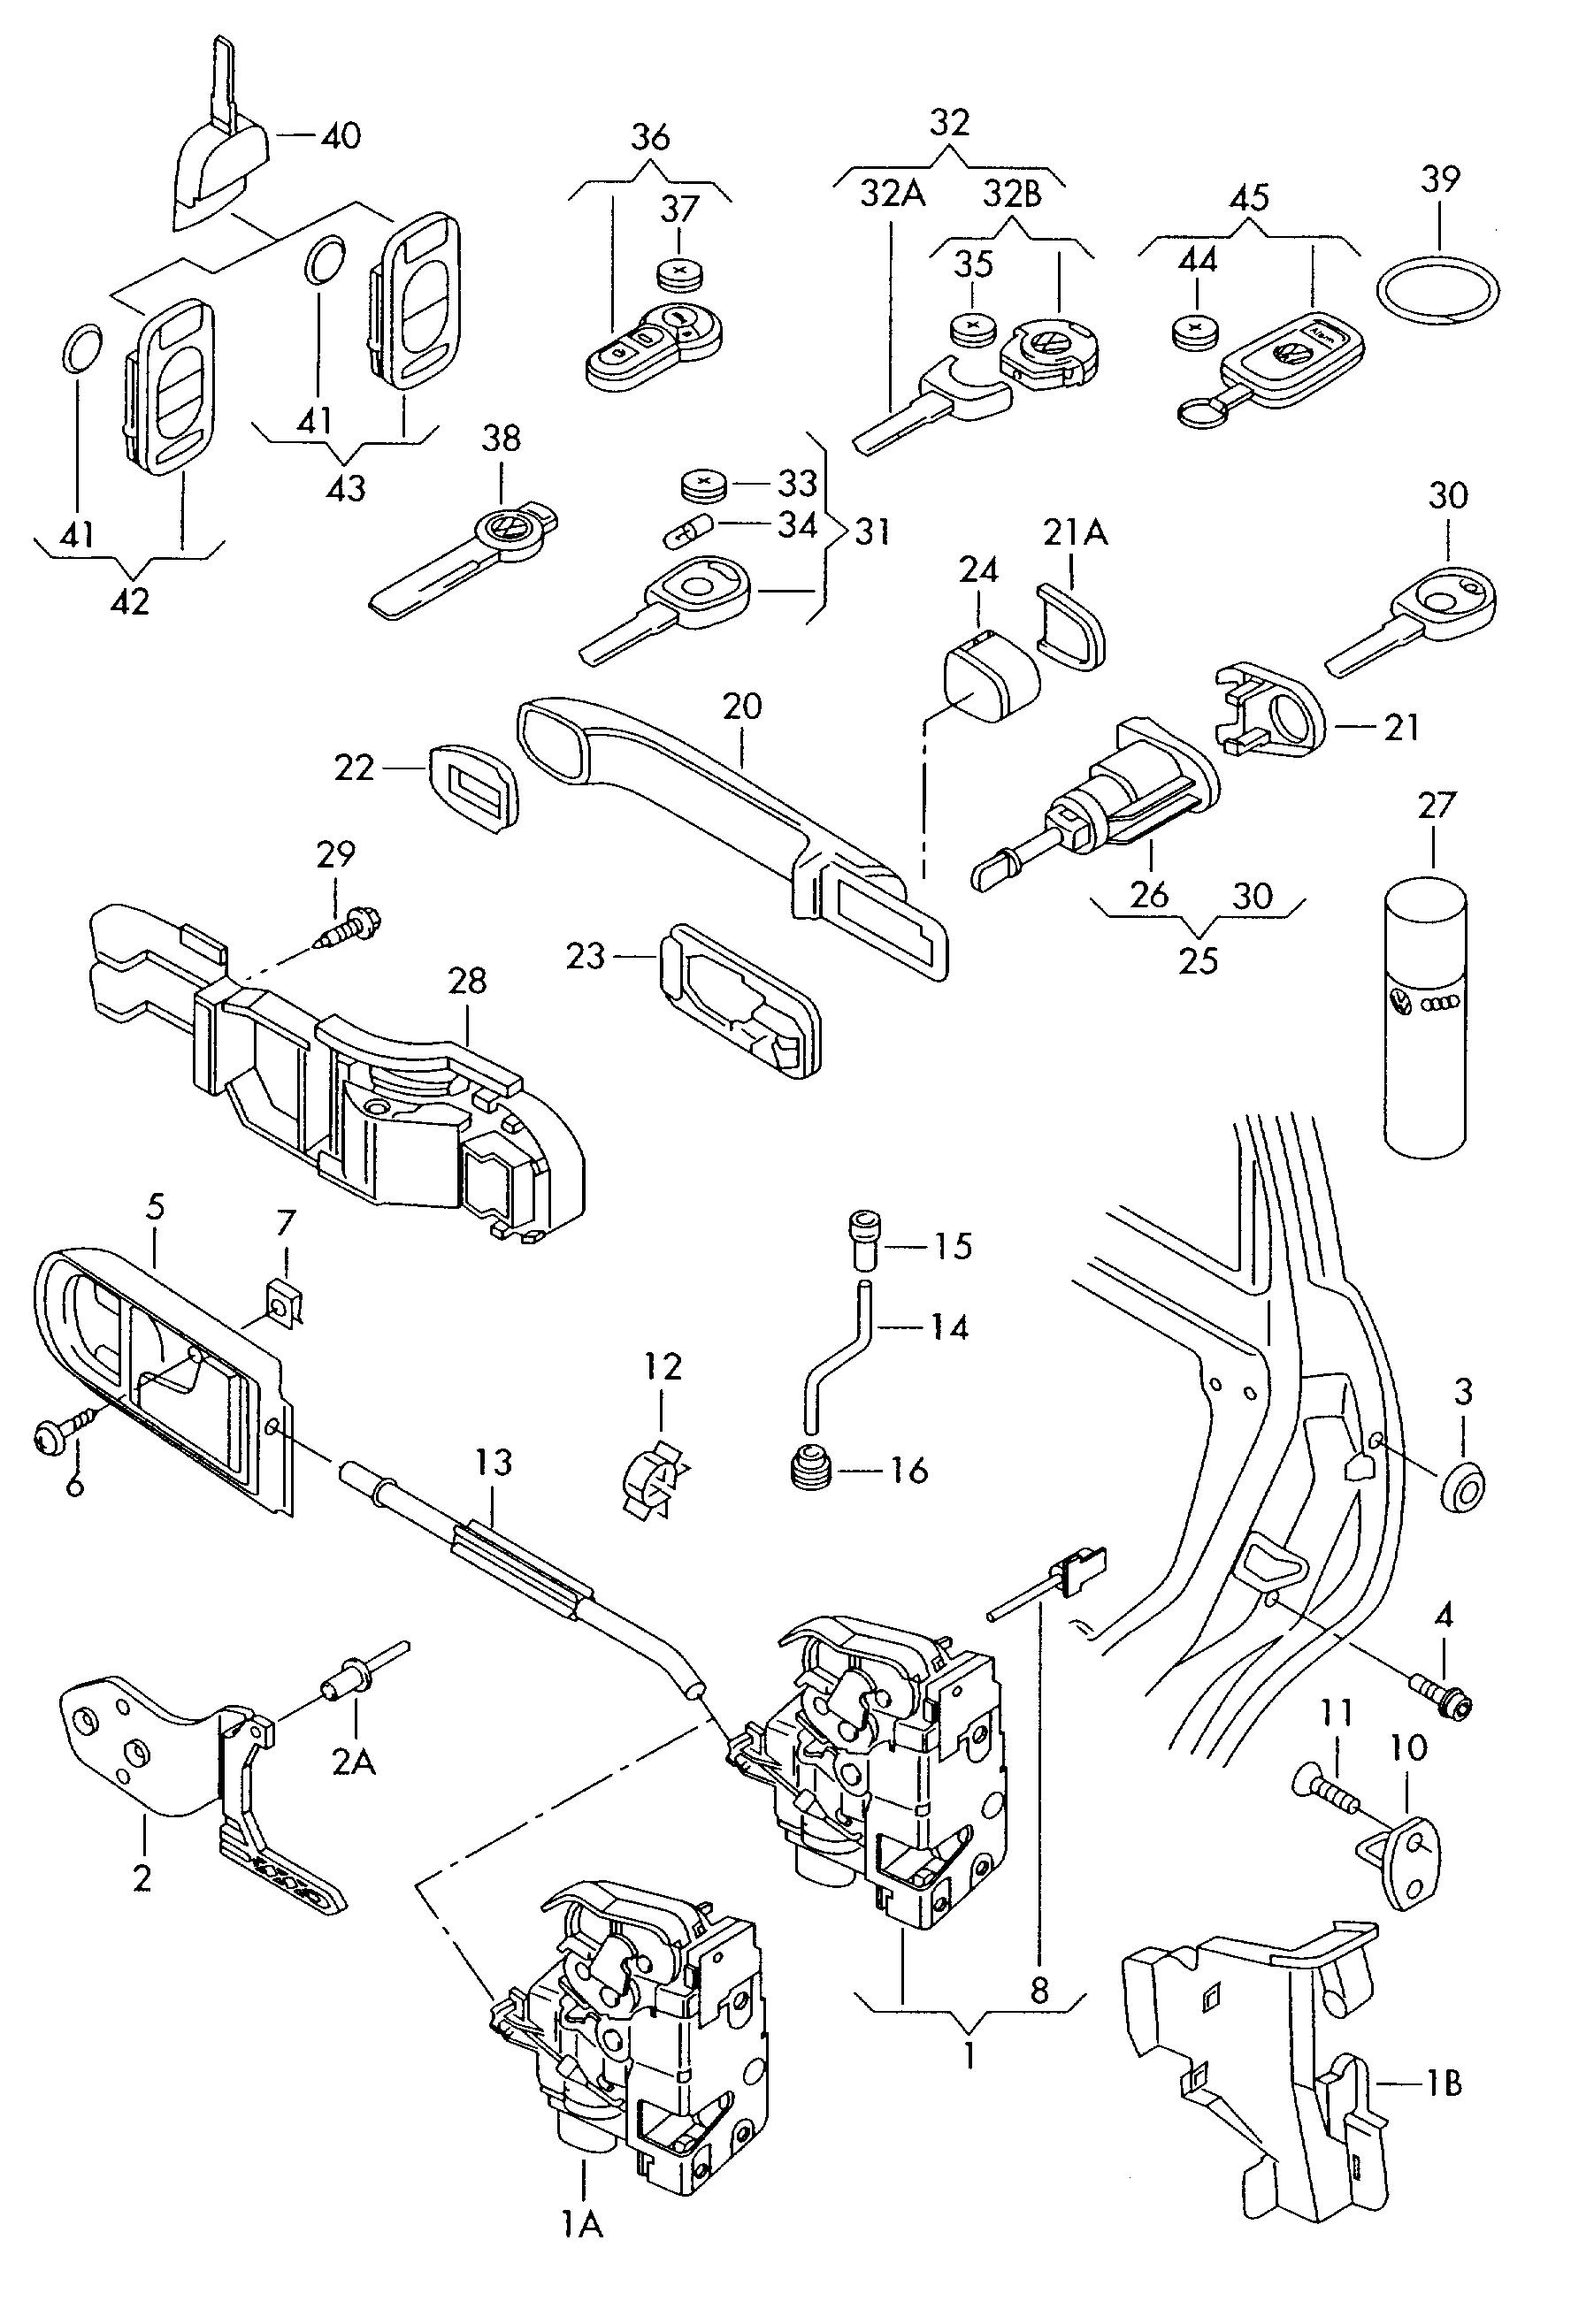 volkswagen lupo  1999 - 2003